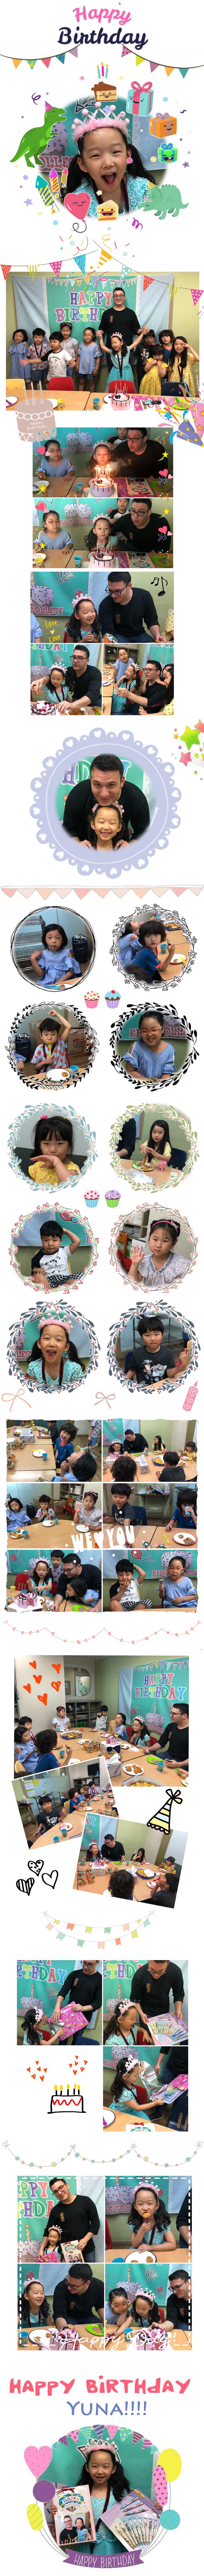 Birthday_Yuna.jpg